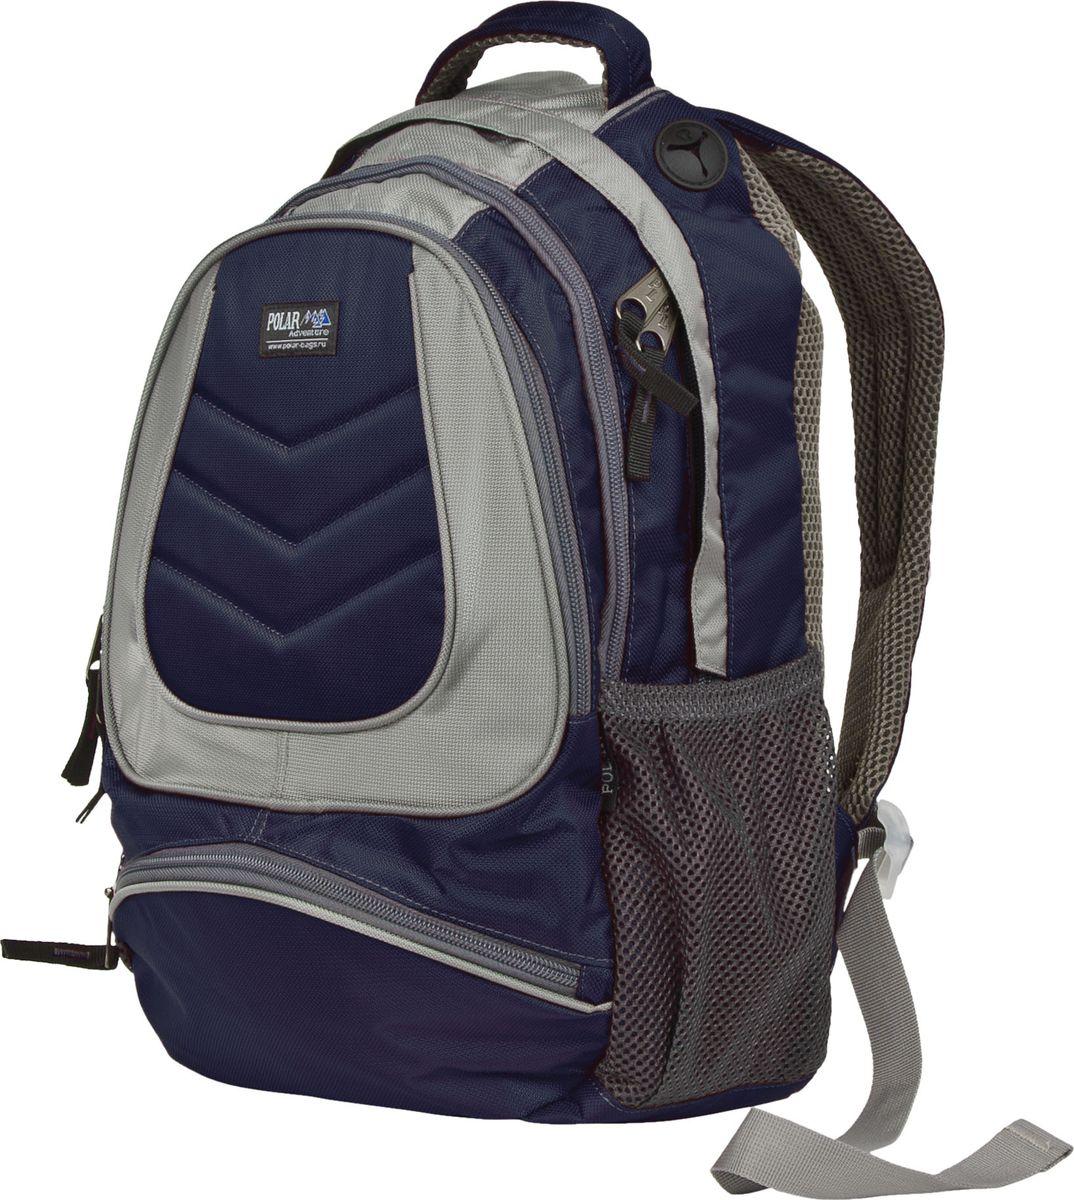 Рюкзак молодежный Polar, цвет: темно-синий, 14 л. ТК1009-04ТК1009-04Городской рюкзак Polar с модным дизайном подойдет для ежедневного использования. Имеет три отделения с раздельным доступом: основное отделение с папкой для бумаг и книг, отделение для легких вещей и дополнительное отделение меньшего объема с карманами для канцелярии, ключей. Внутри есть карман для плеера и клапан для наушников. Снаружи небольшой карман на молнии. Спинка и лямки выполнены из дышащего материала. Рюкзак отлично подходит для учеников младших и средних классов.